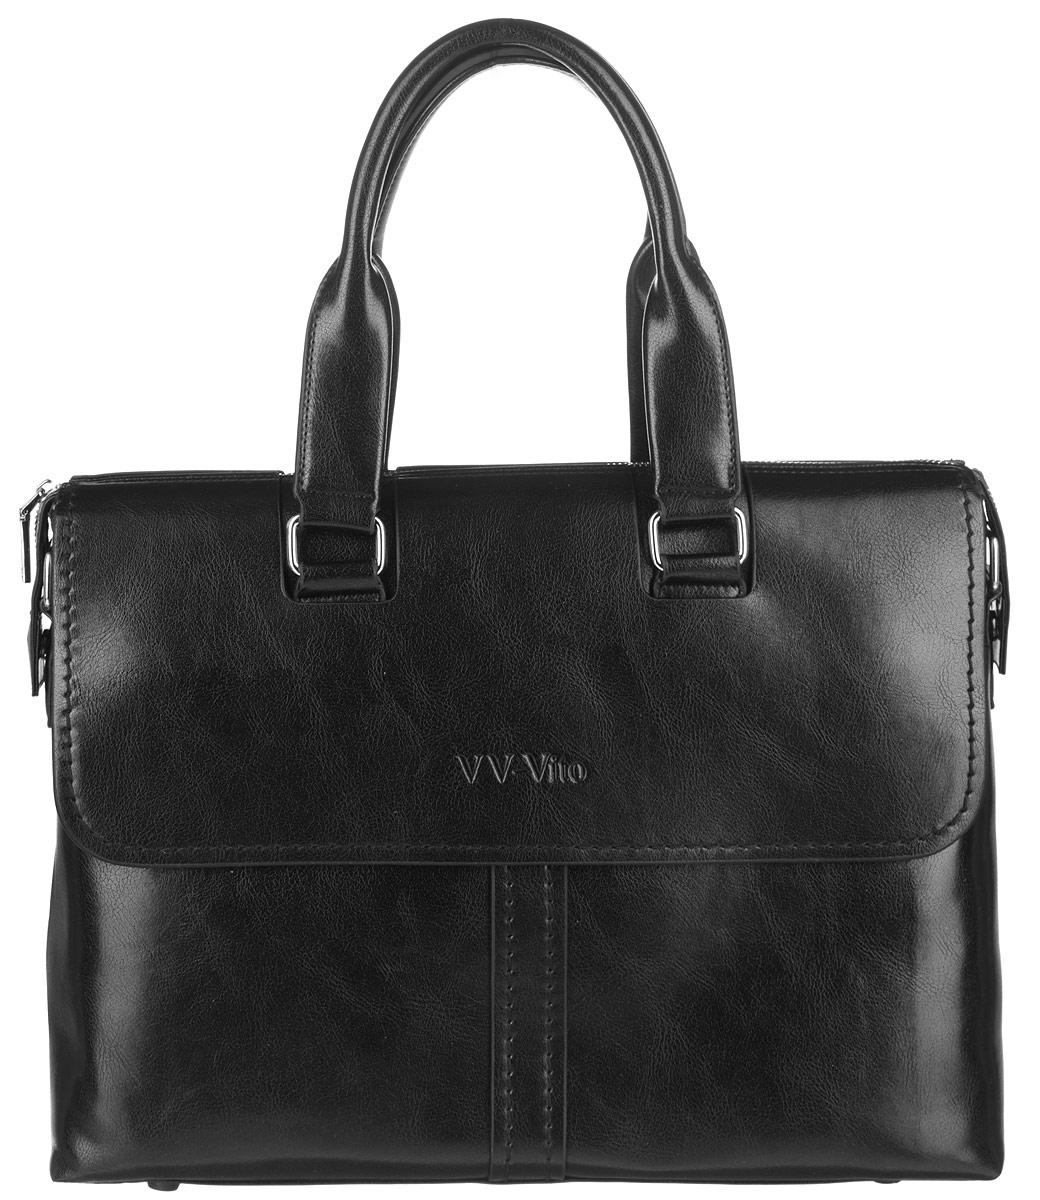 Сумка мужская Vera Victoria Vito, цвет: черный. 35-609-135-609-1Стильная мужская сумка Vera Victoria Vito выполнена из экокожи. Изделие имеет одно вместительное отделение, которое закрывается на застежку-молнию. Внутри сумки находятся прорезной карман на застежке-молнии, два открытых прорезных кармана и мягкий карман для планшета, закрывающийся на хлястик с липучкой. Снаружи, на передней и задней стенках расположены накладные карманы на магнитных кнопках, дополнительно закрывающиеся на клапаны с магнитами. Сумка оснащена двумя удобными ручками. В комплект входит съемный текстильный плечевой ремень, регулирующийся по длине. Основание изделия защищено от повреждений пластиковыми ножками. Стильная сумка идеально подчеркнет ваш неповторимый стиль.